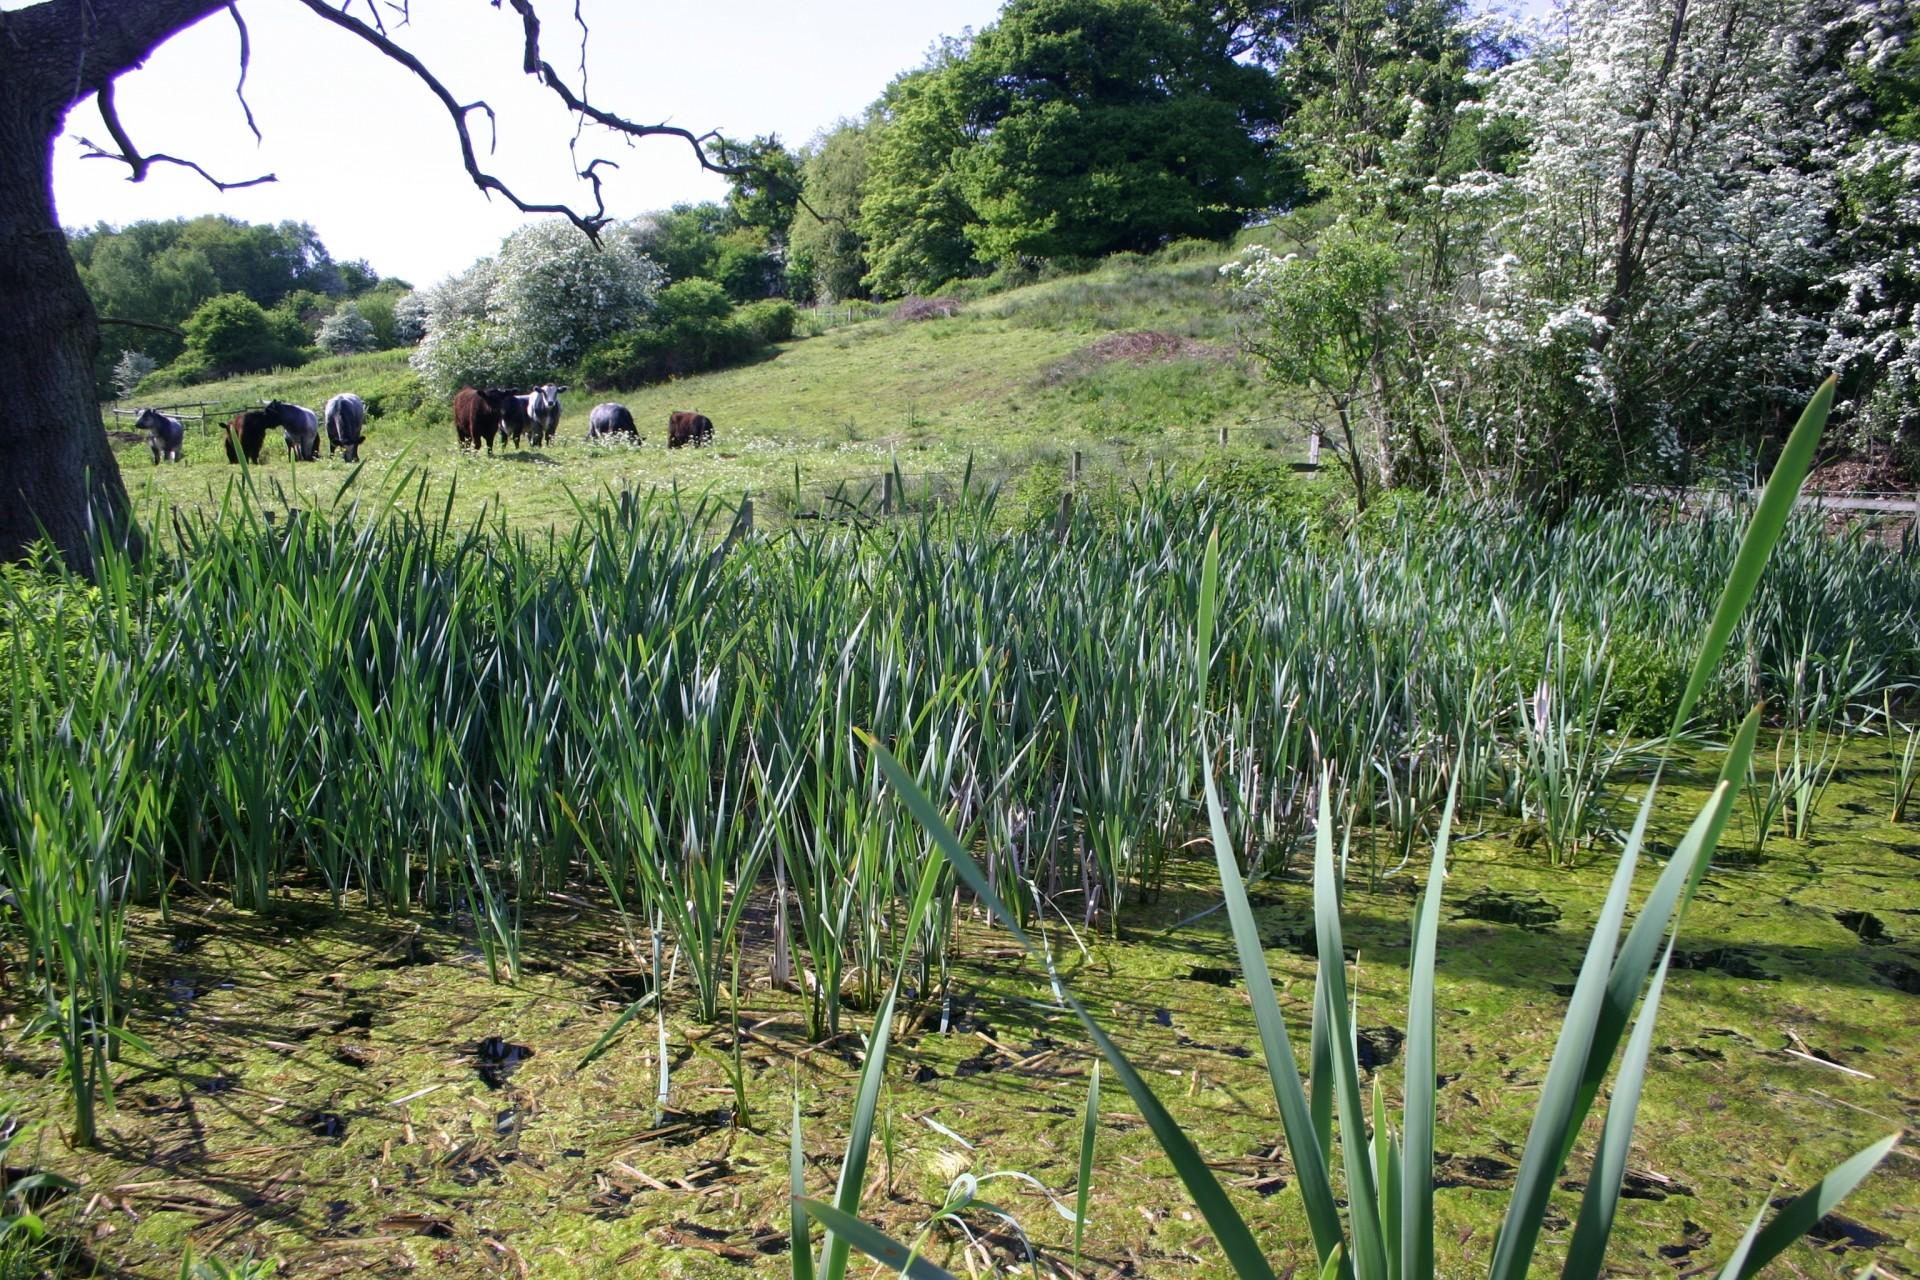 Swettenham Meadows, Cheshire, image credit Paul Clarke